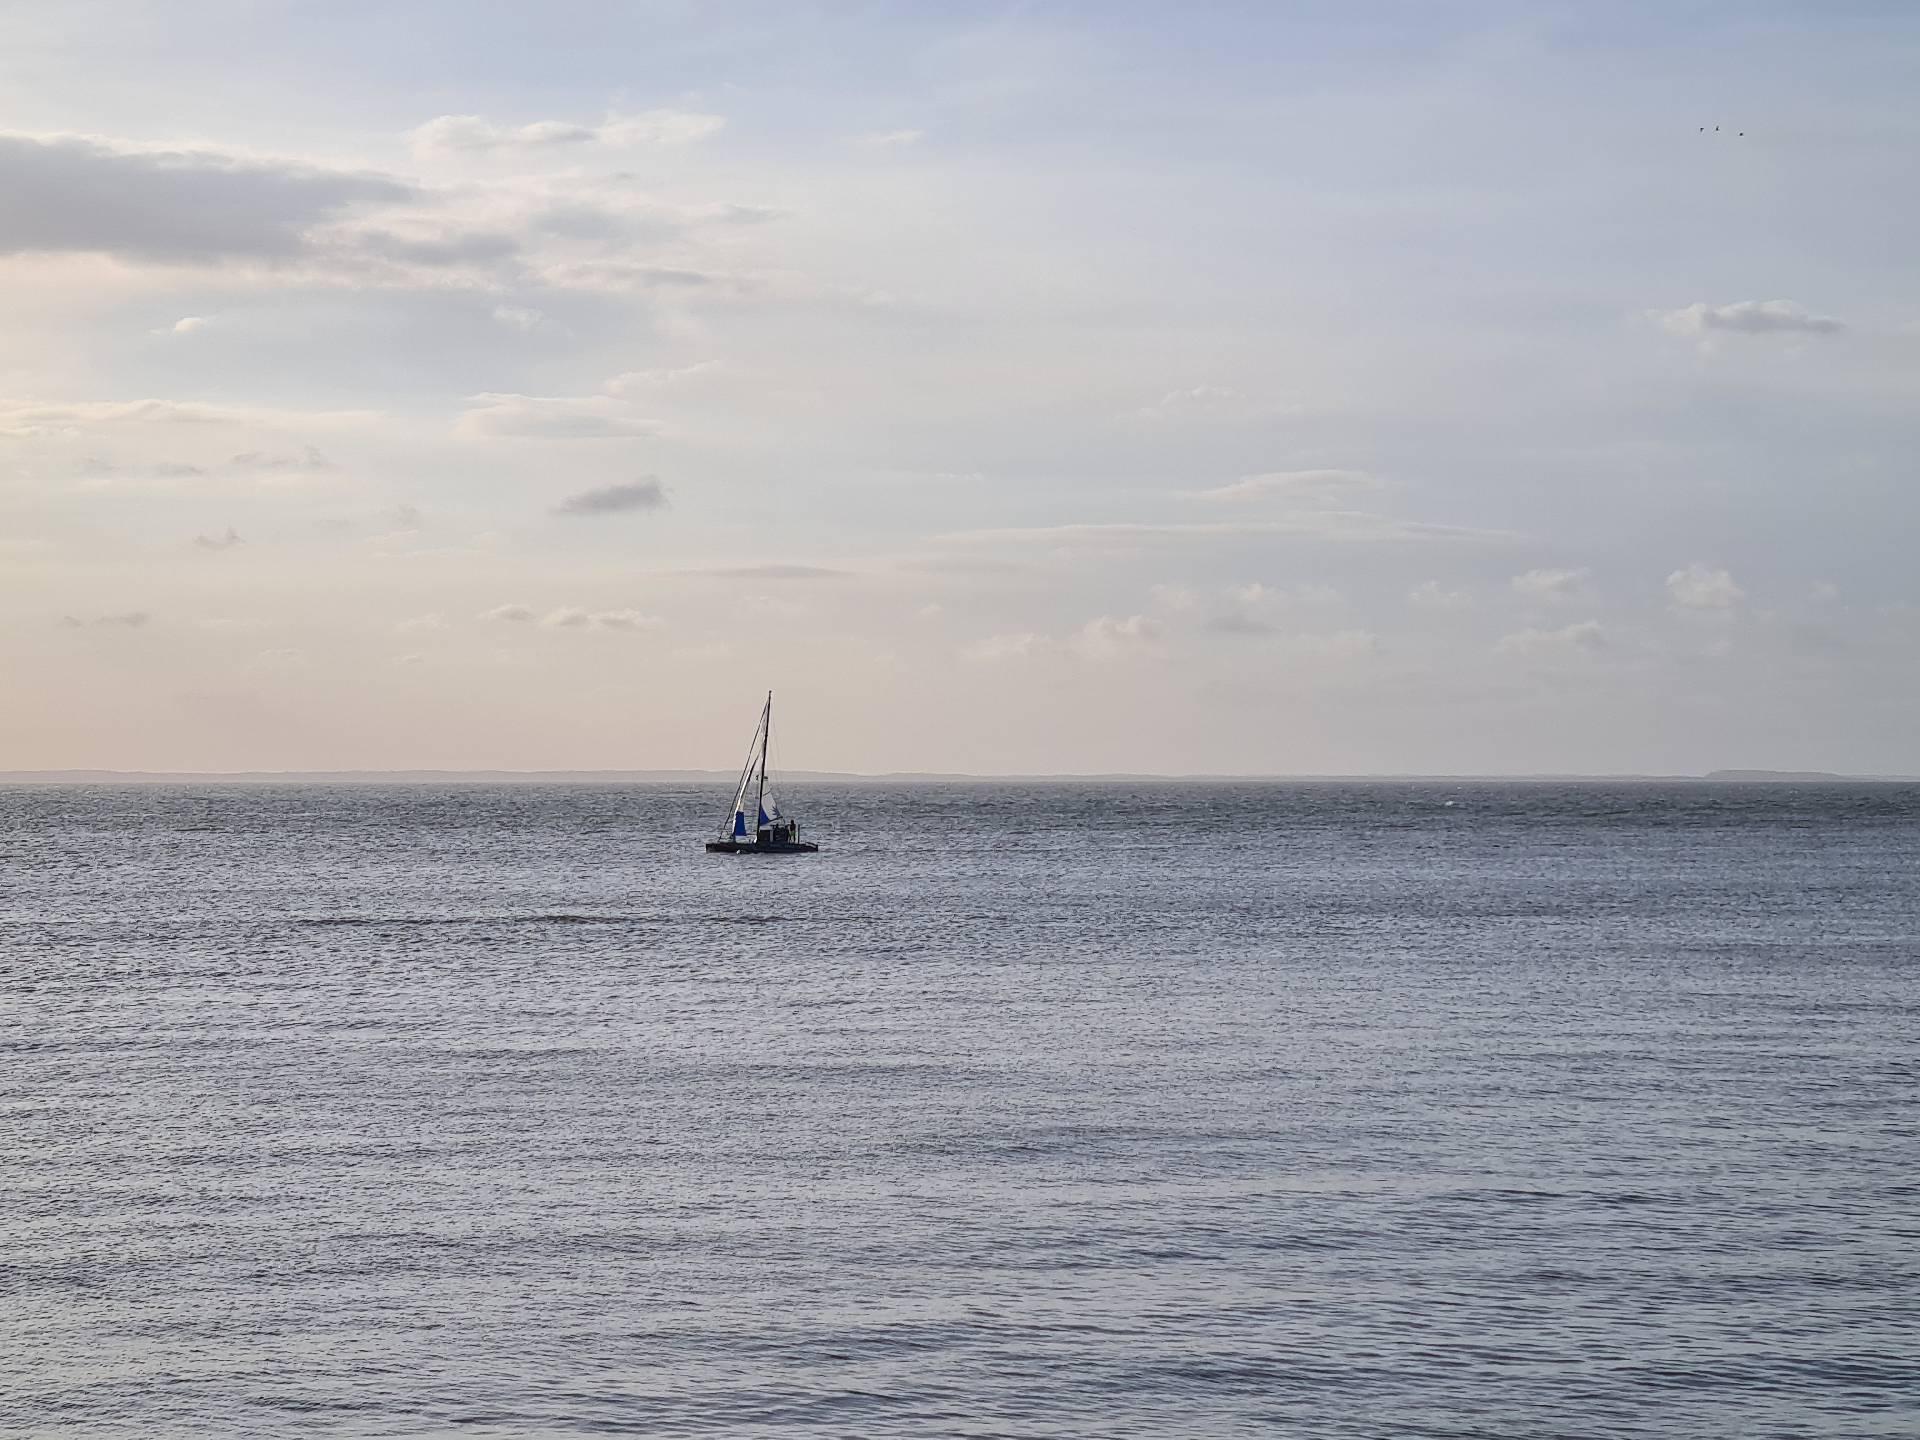 парусное судно в Атлантическом океане